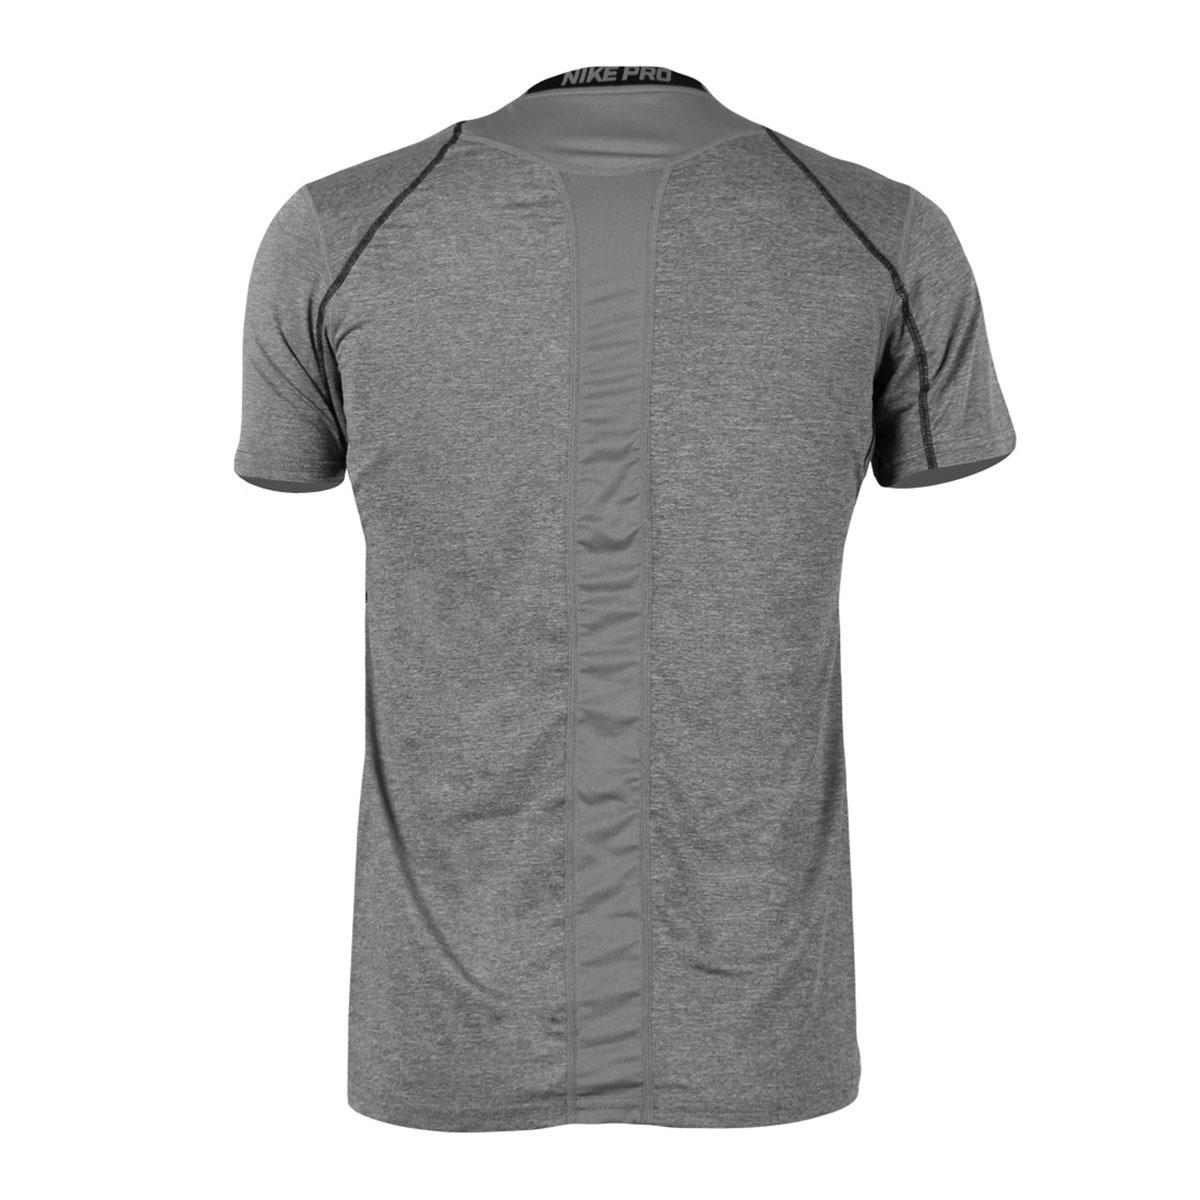 ba5978500d camiseta de compressão nike pro cool masculino - nike - chum. Carregando  zoom.